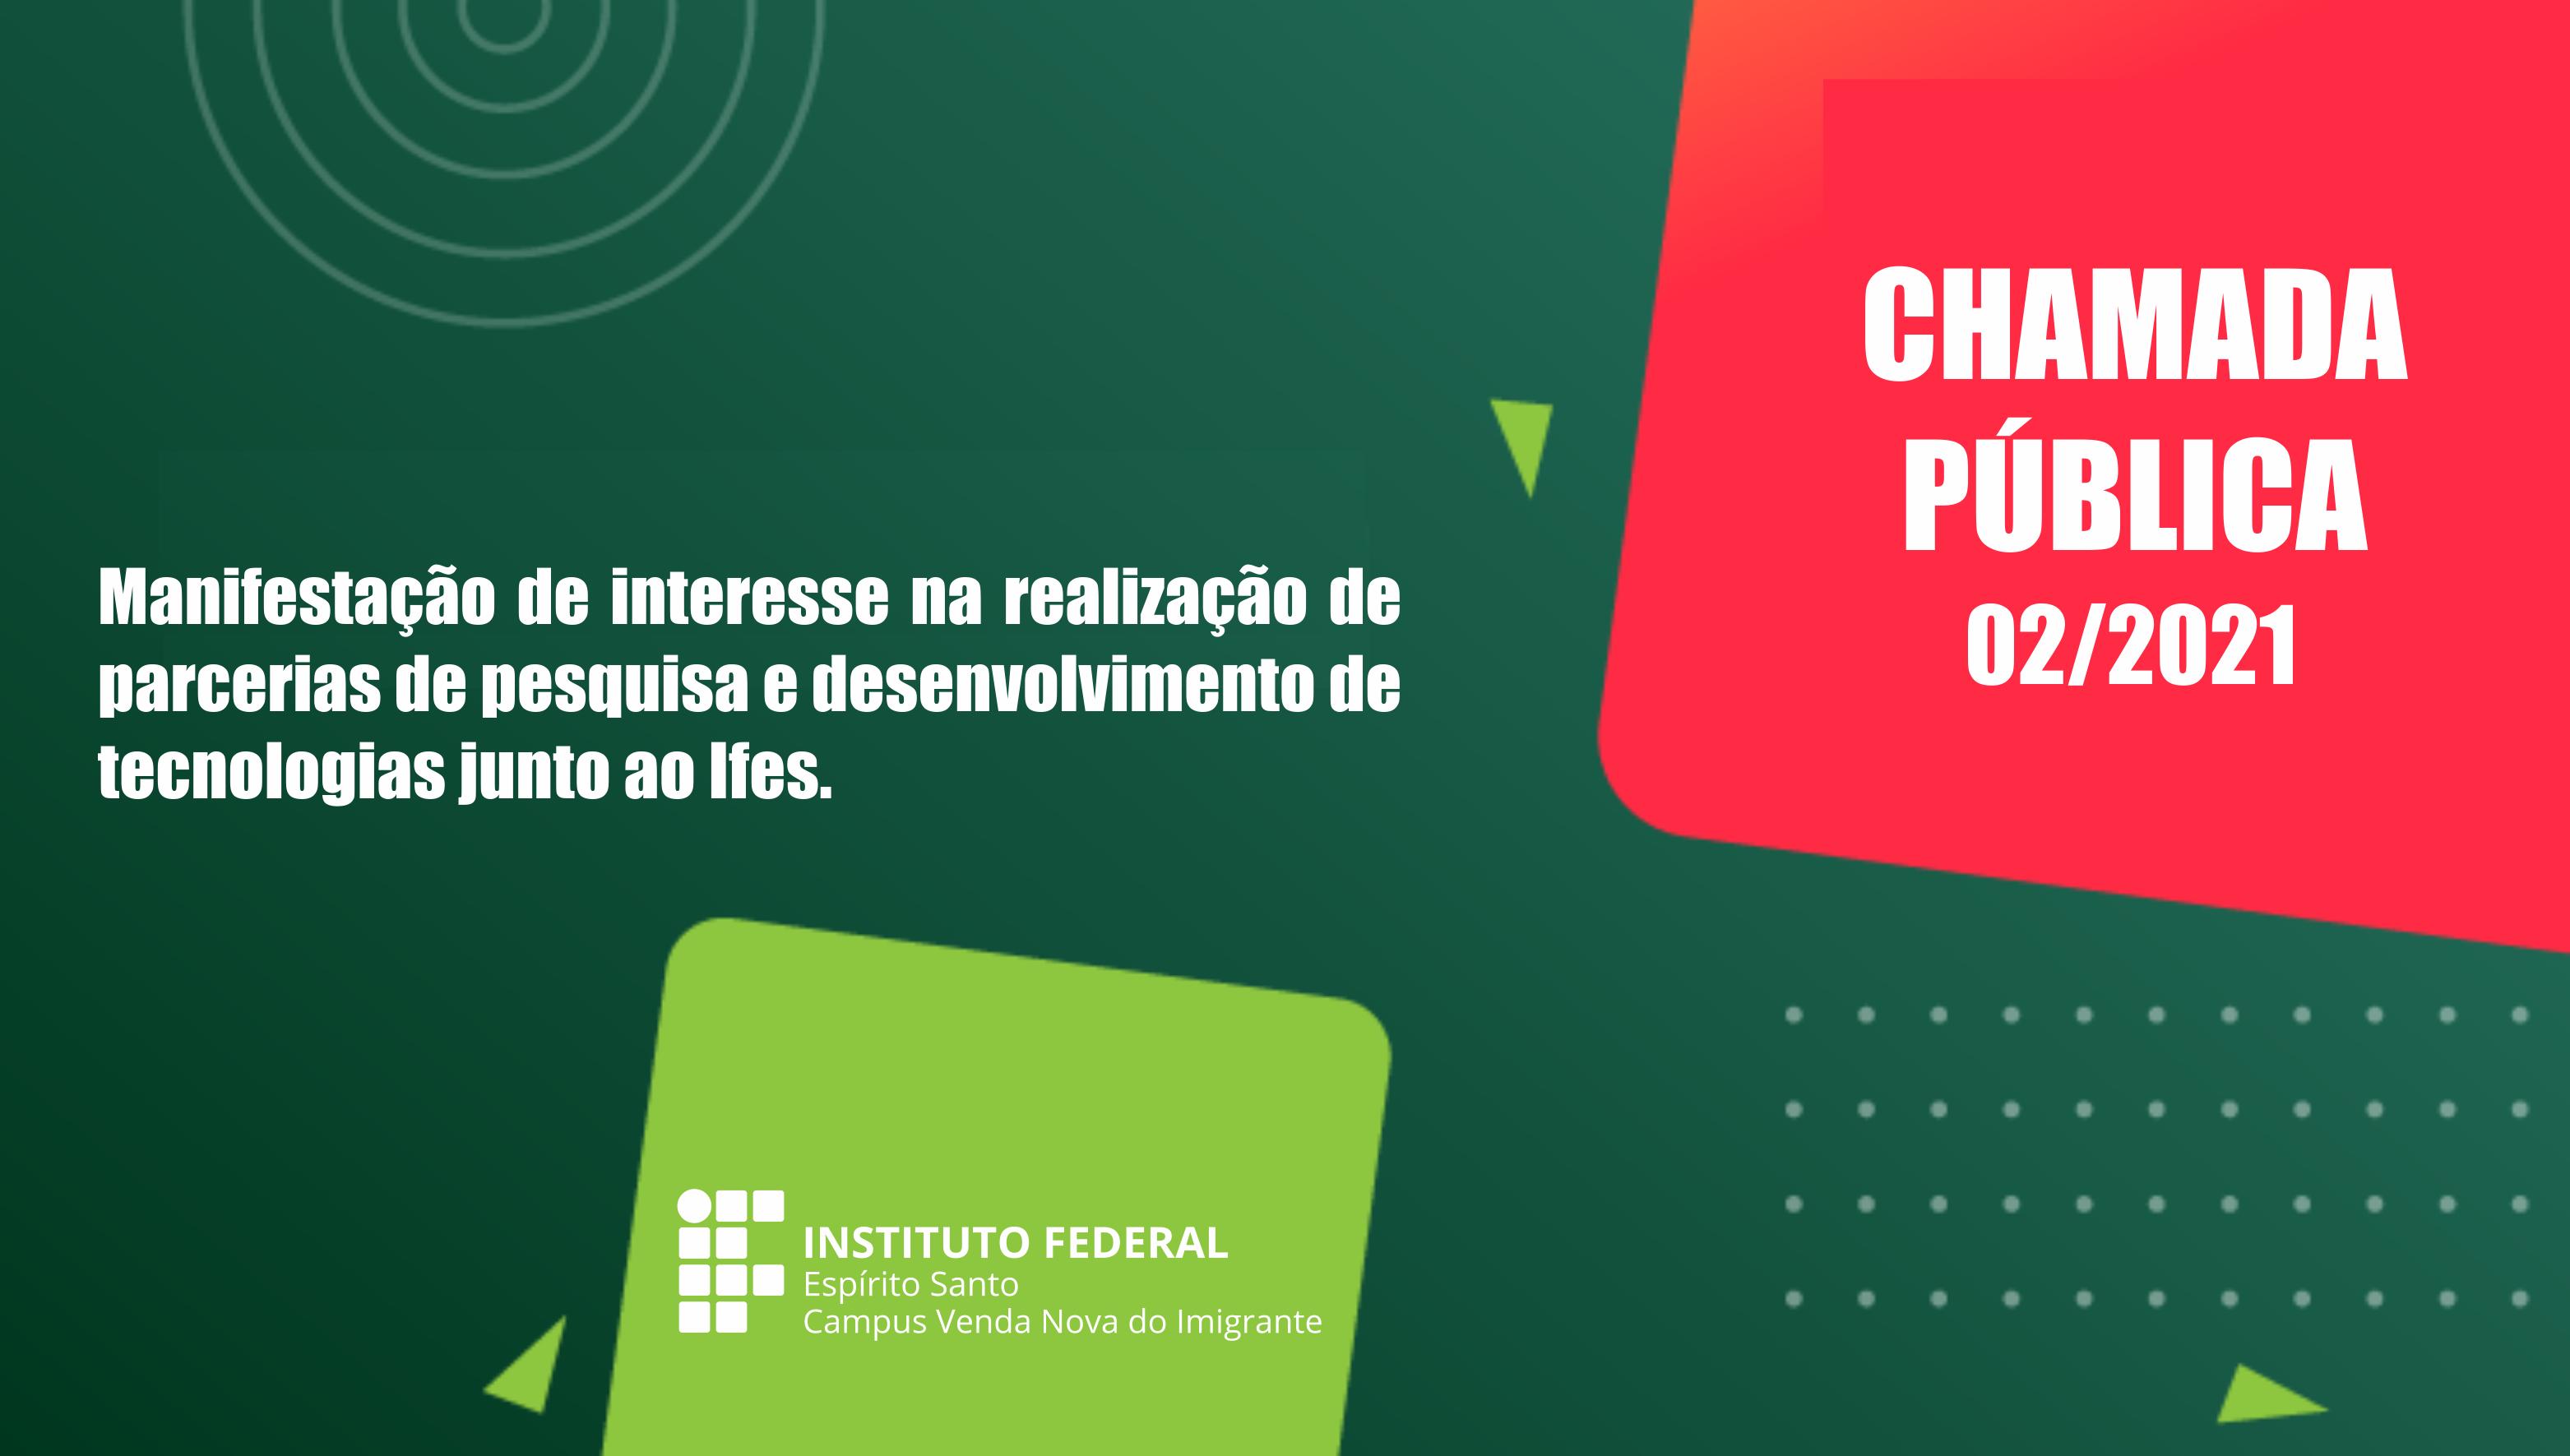 Chamada Pública nº 02/2021 para manifestaçãode interesse na realização de parcerias de pesquisa e desenvolvimento de tecnologias junto ao Ifes